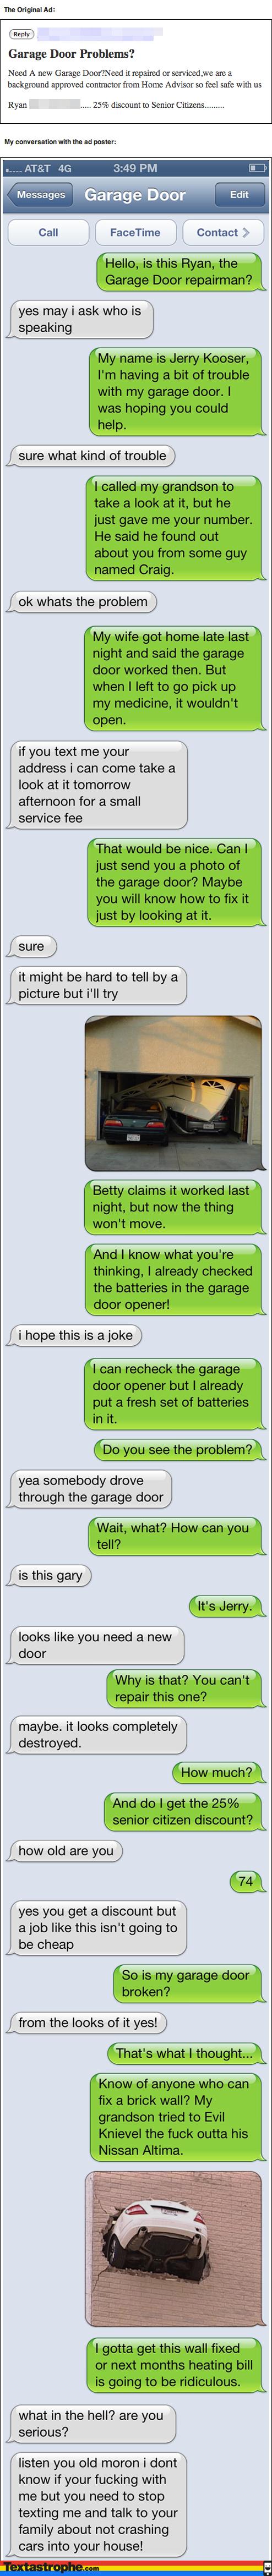 textastrophe-garage-door